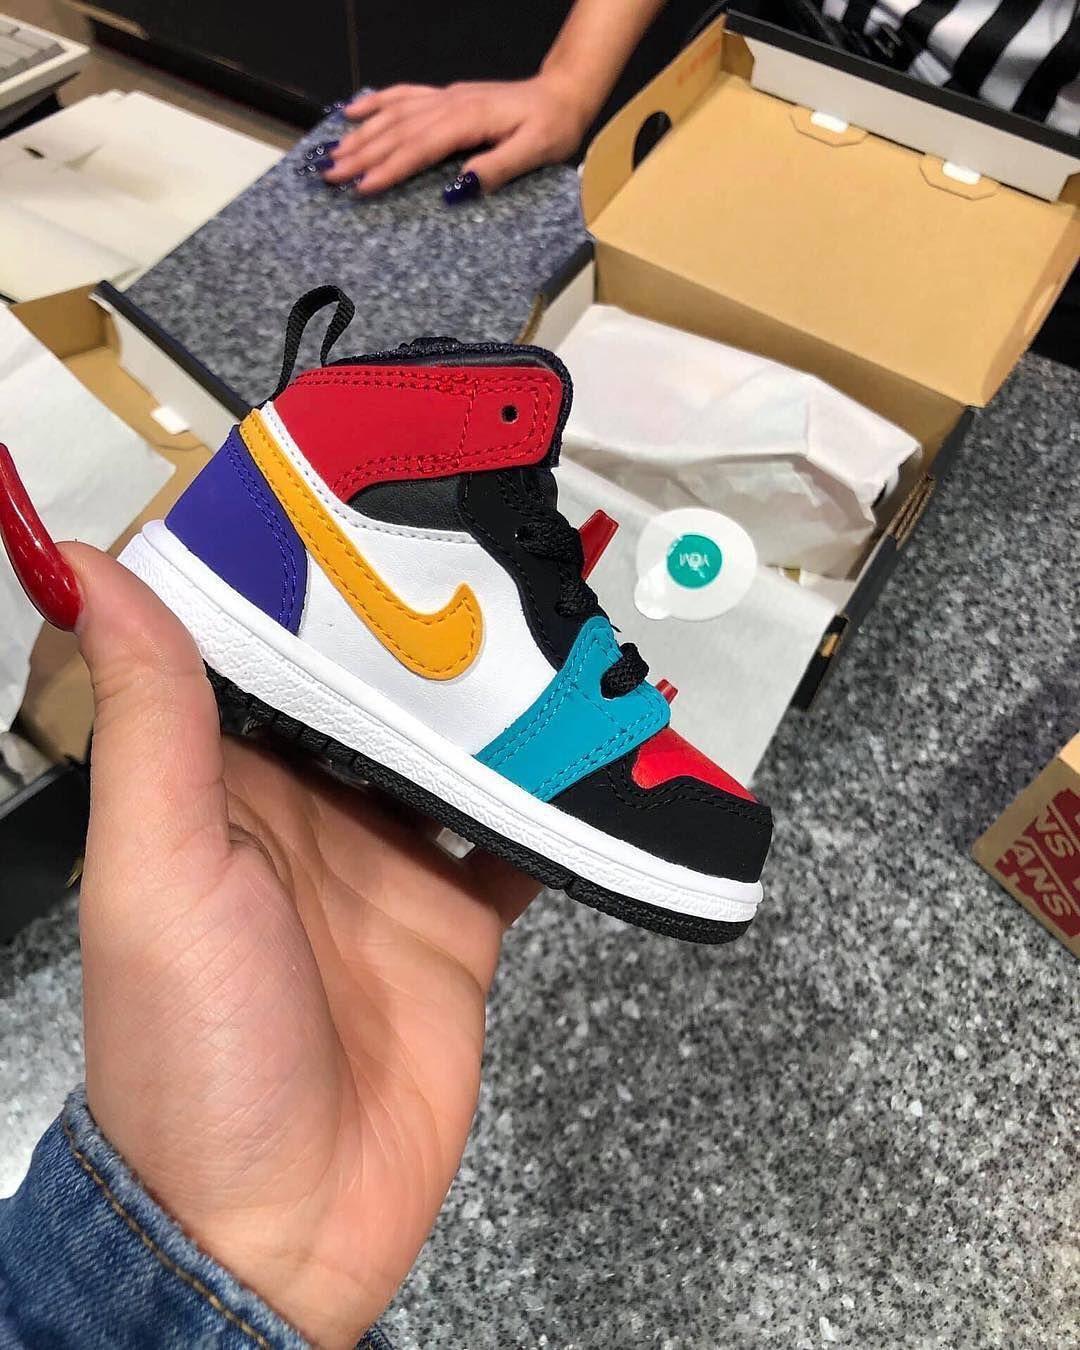 L'image contient peut-être: chaussures